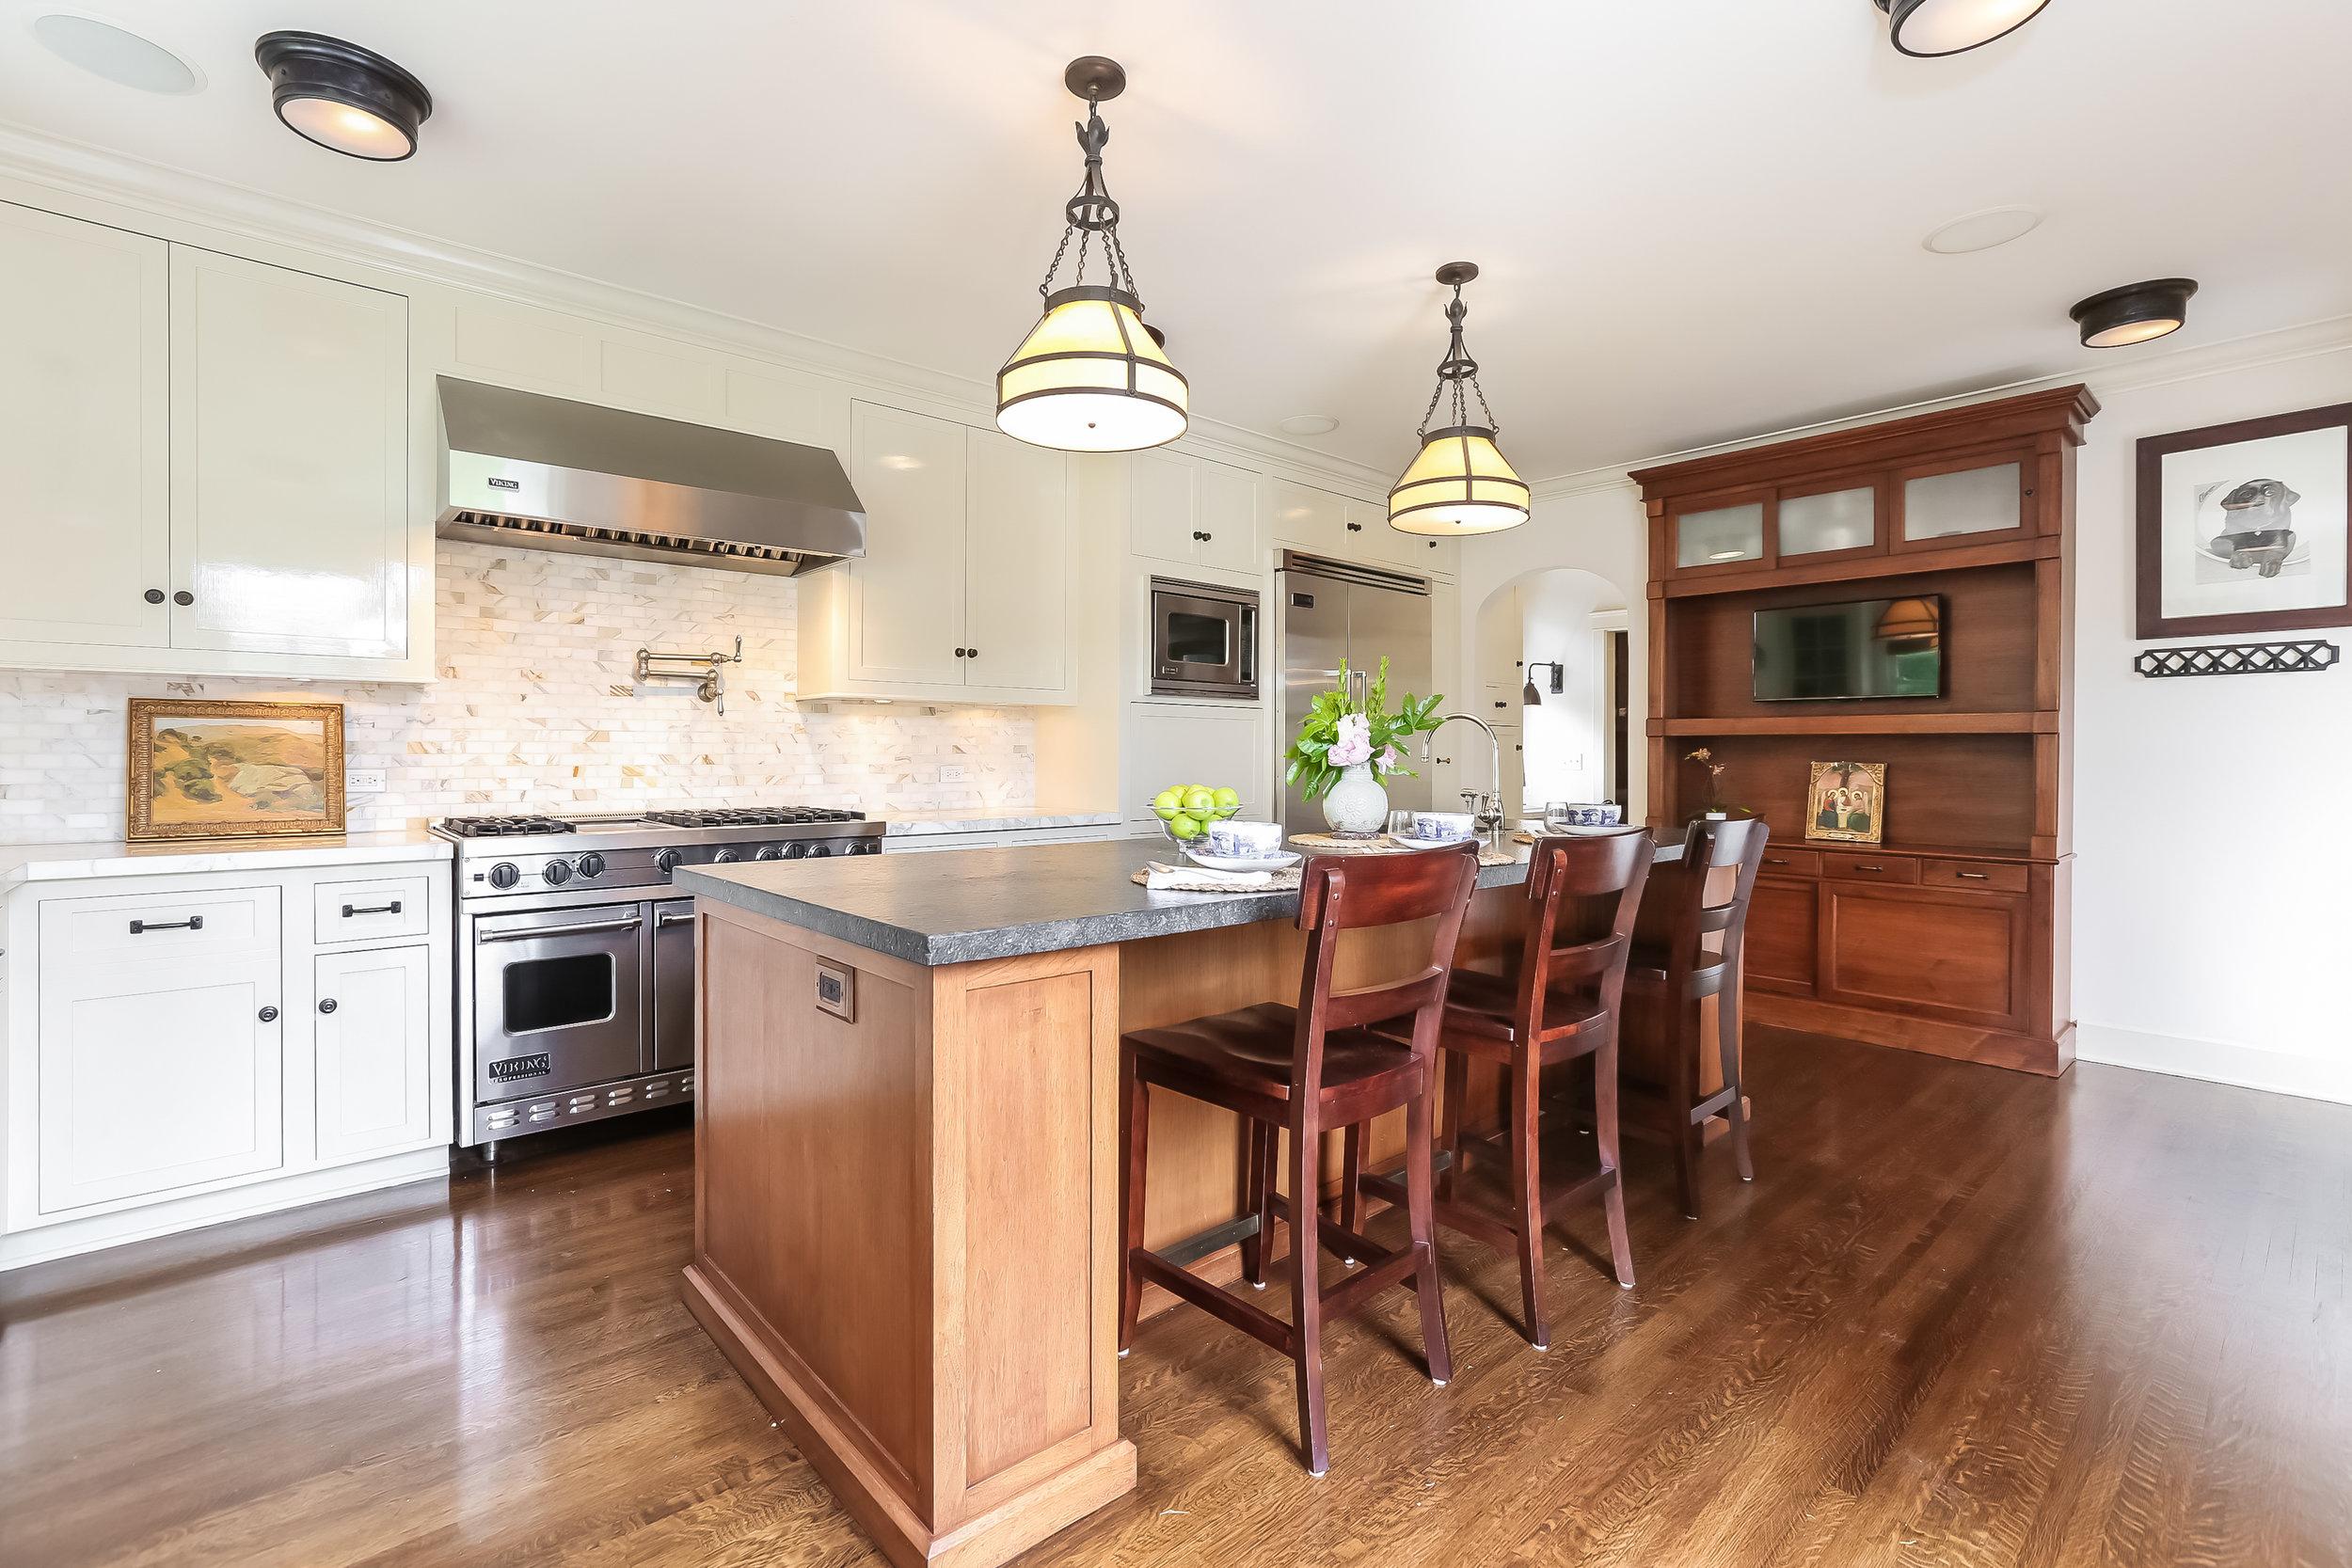 Kitchen-5846800.jpg